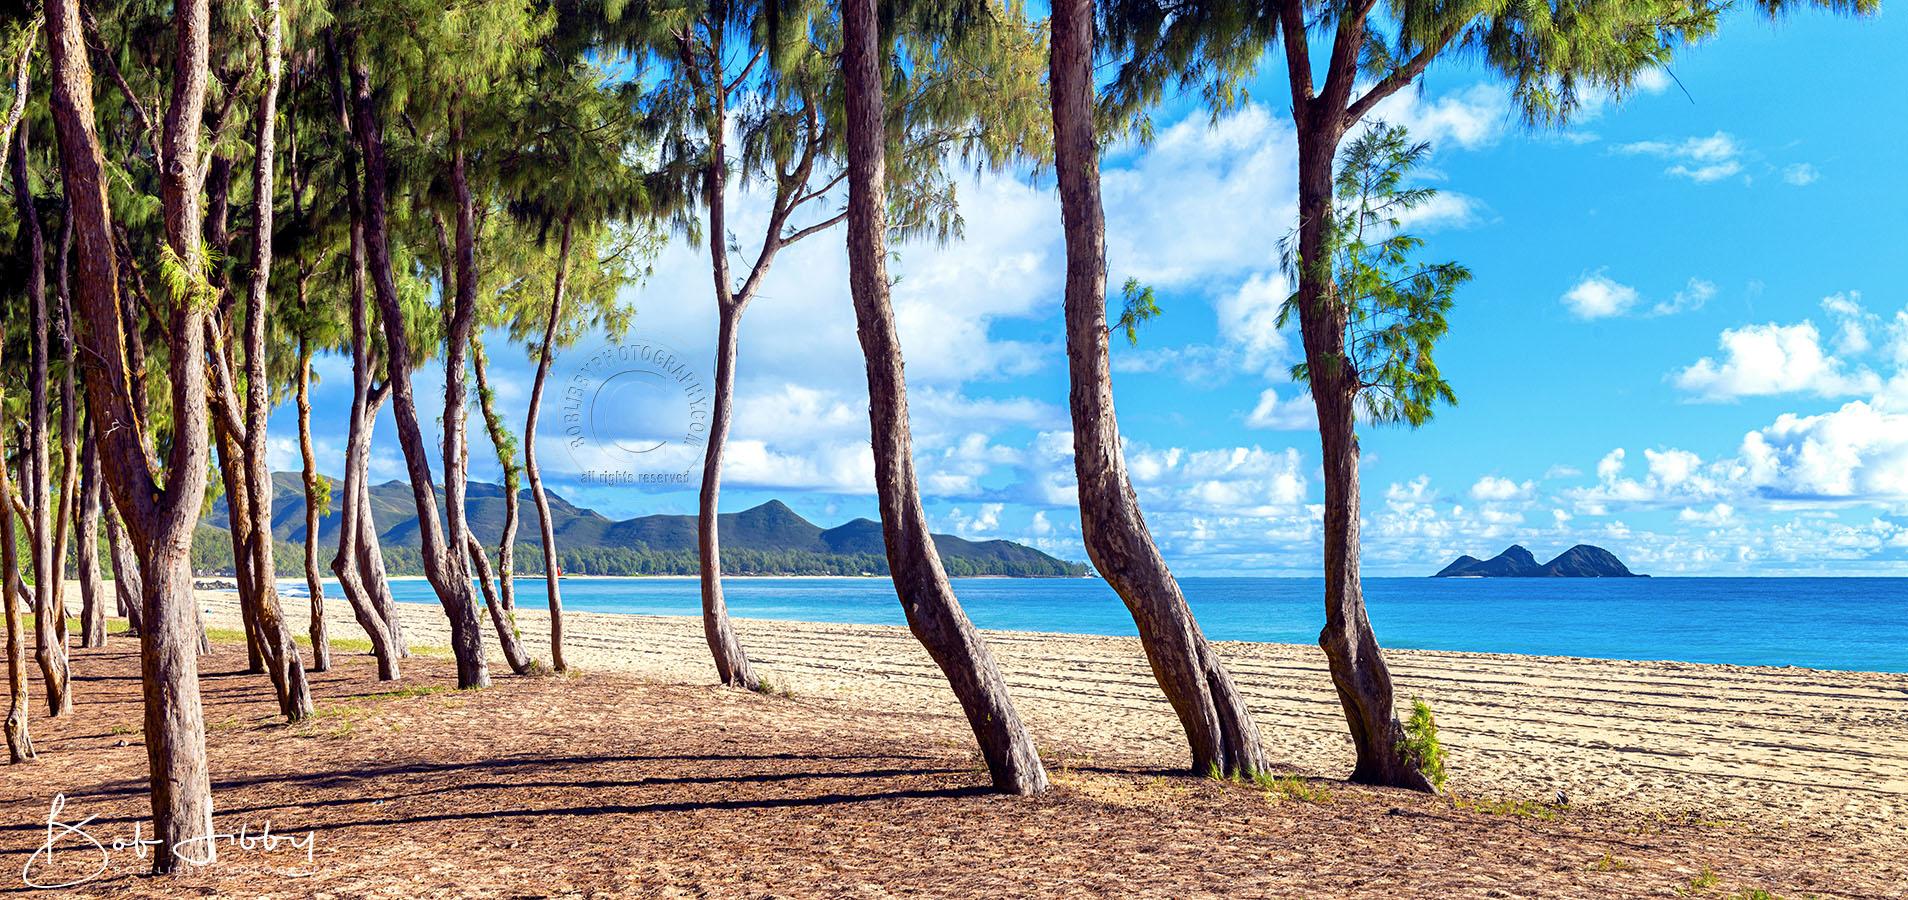 Hawaiian Beach Scene Landscape